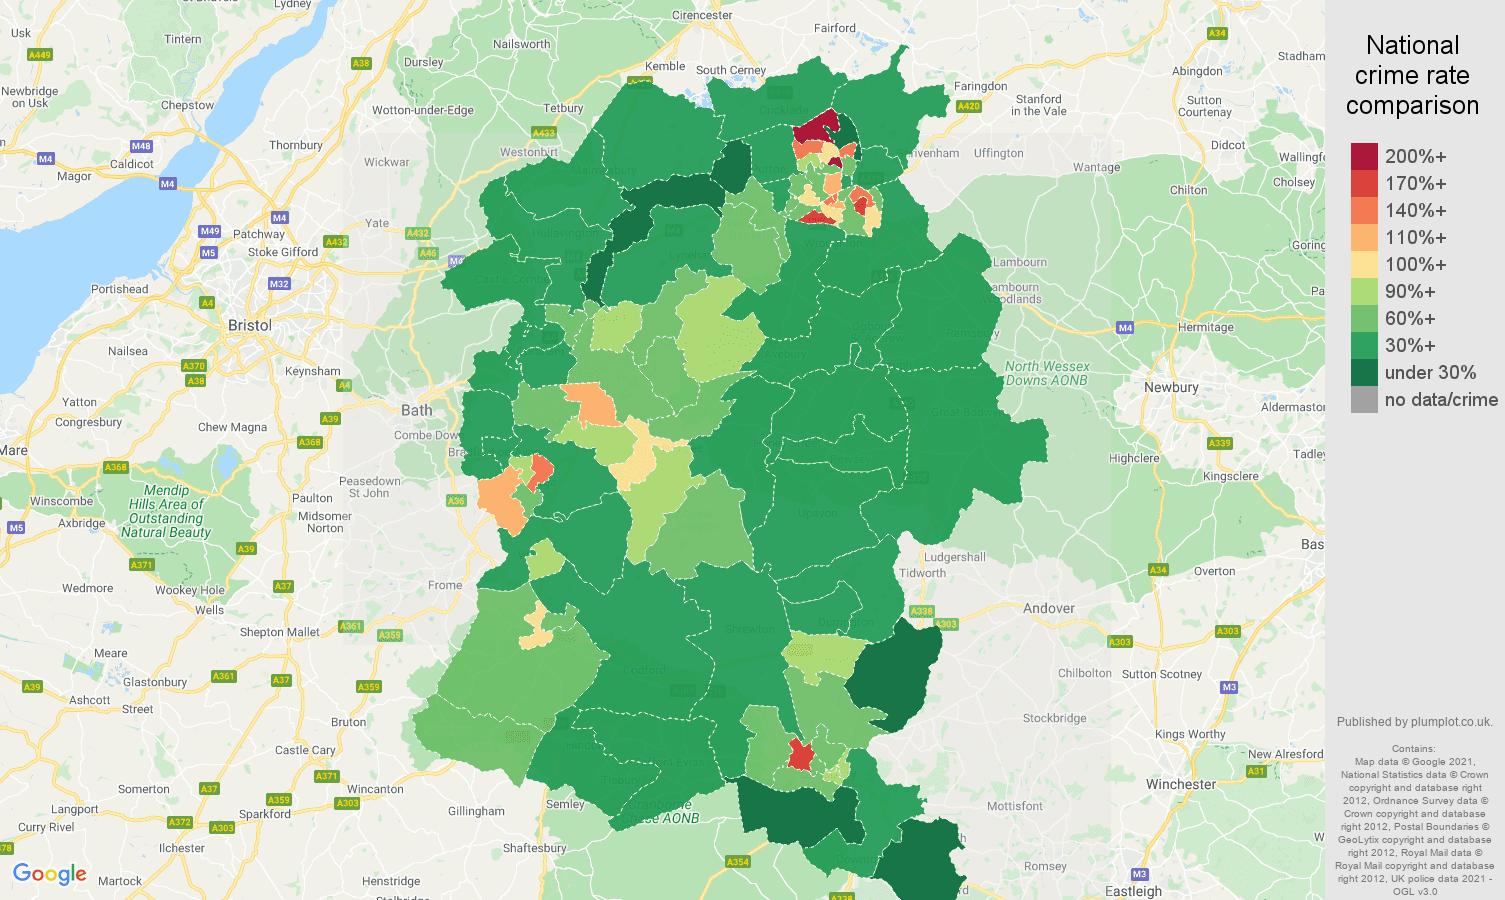 Wiltshire violent crime rate comparison map